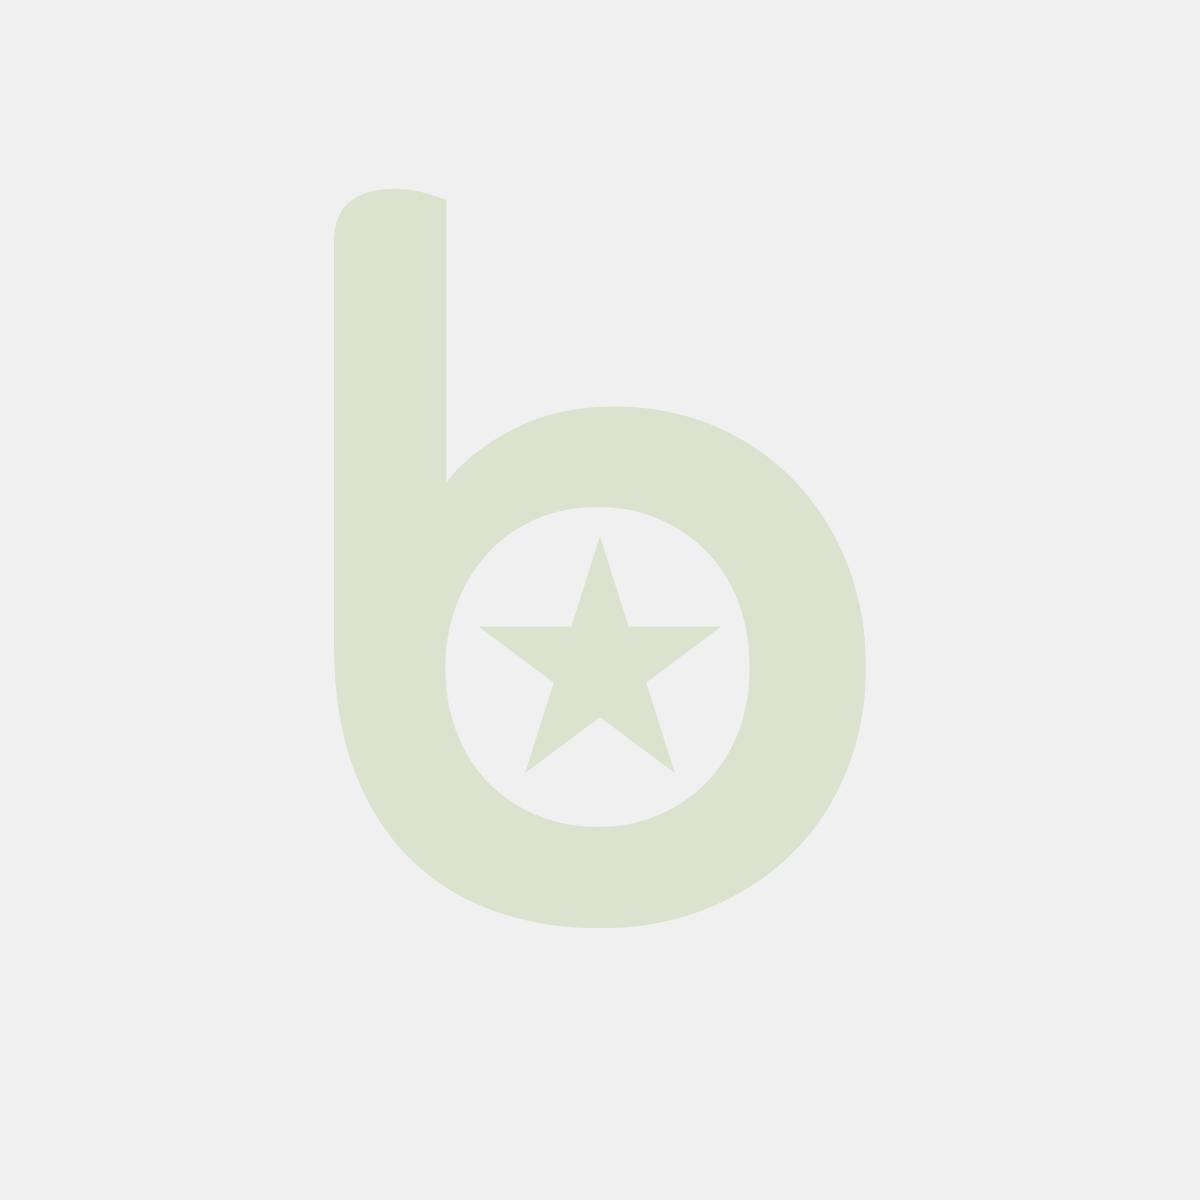 Pokrywka do pojemników GN 1/1 - z poliwęglanu - kod 864104